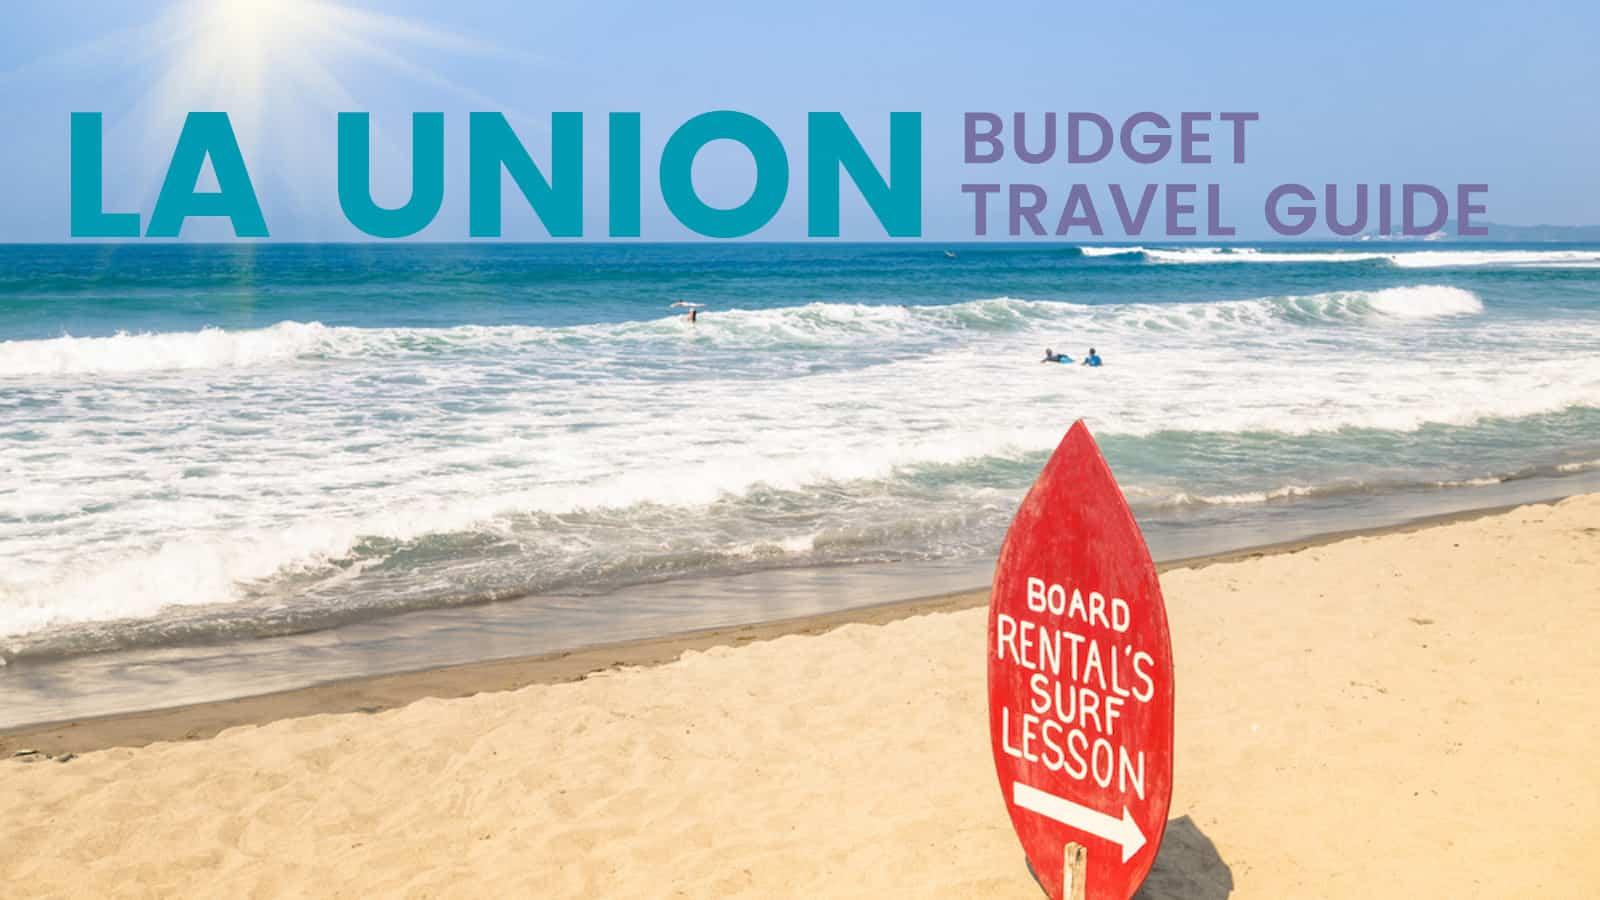 La union on a budget:旅游指南和行程安排 | 穷游者行程安排博客